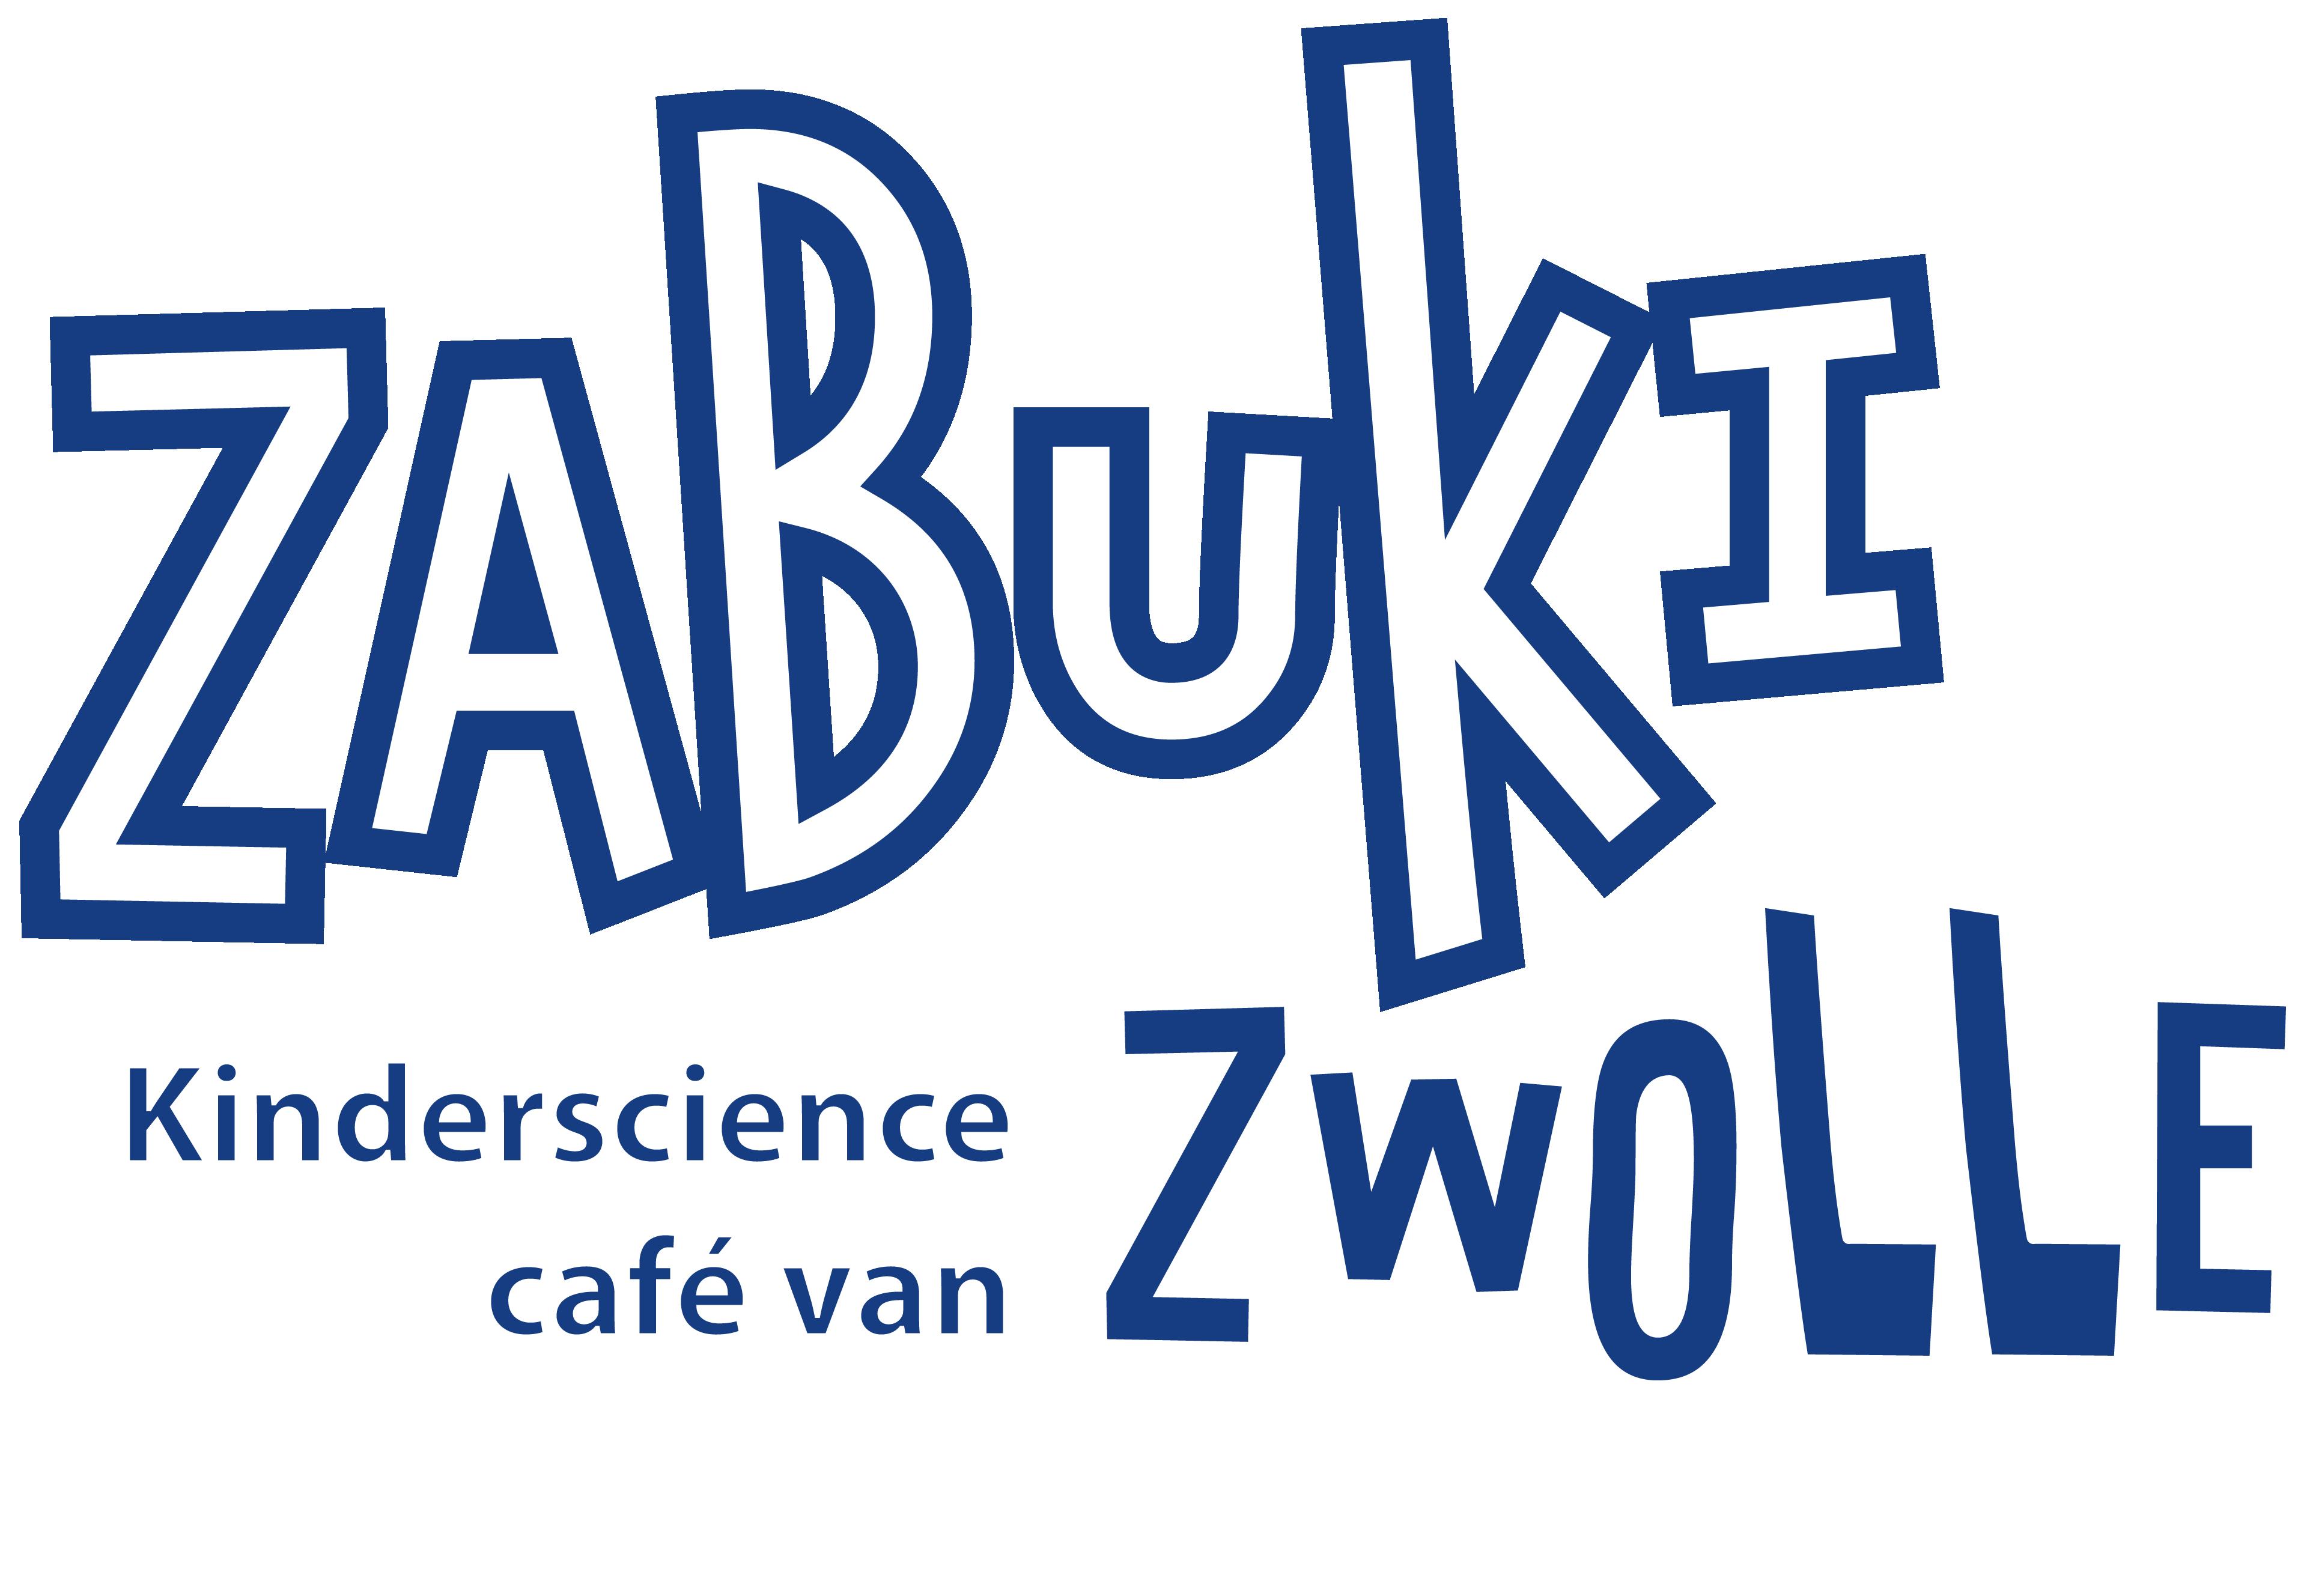 Zabuki